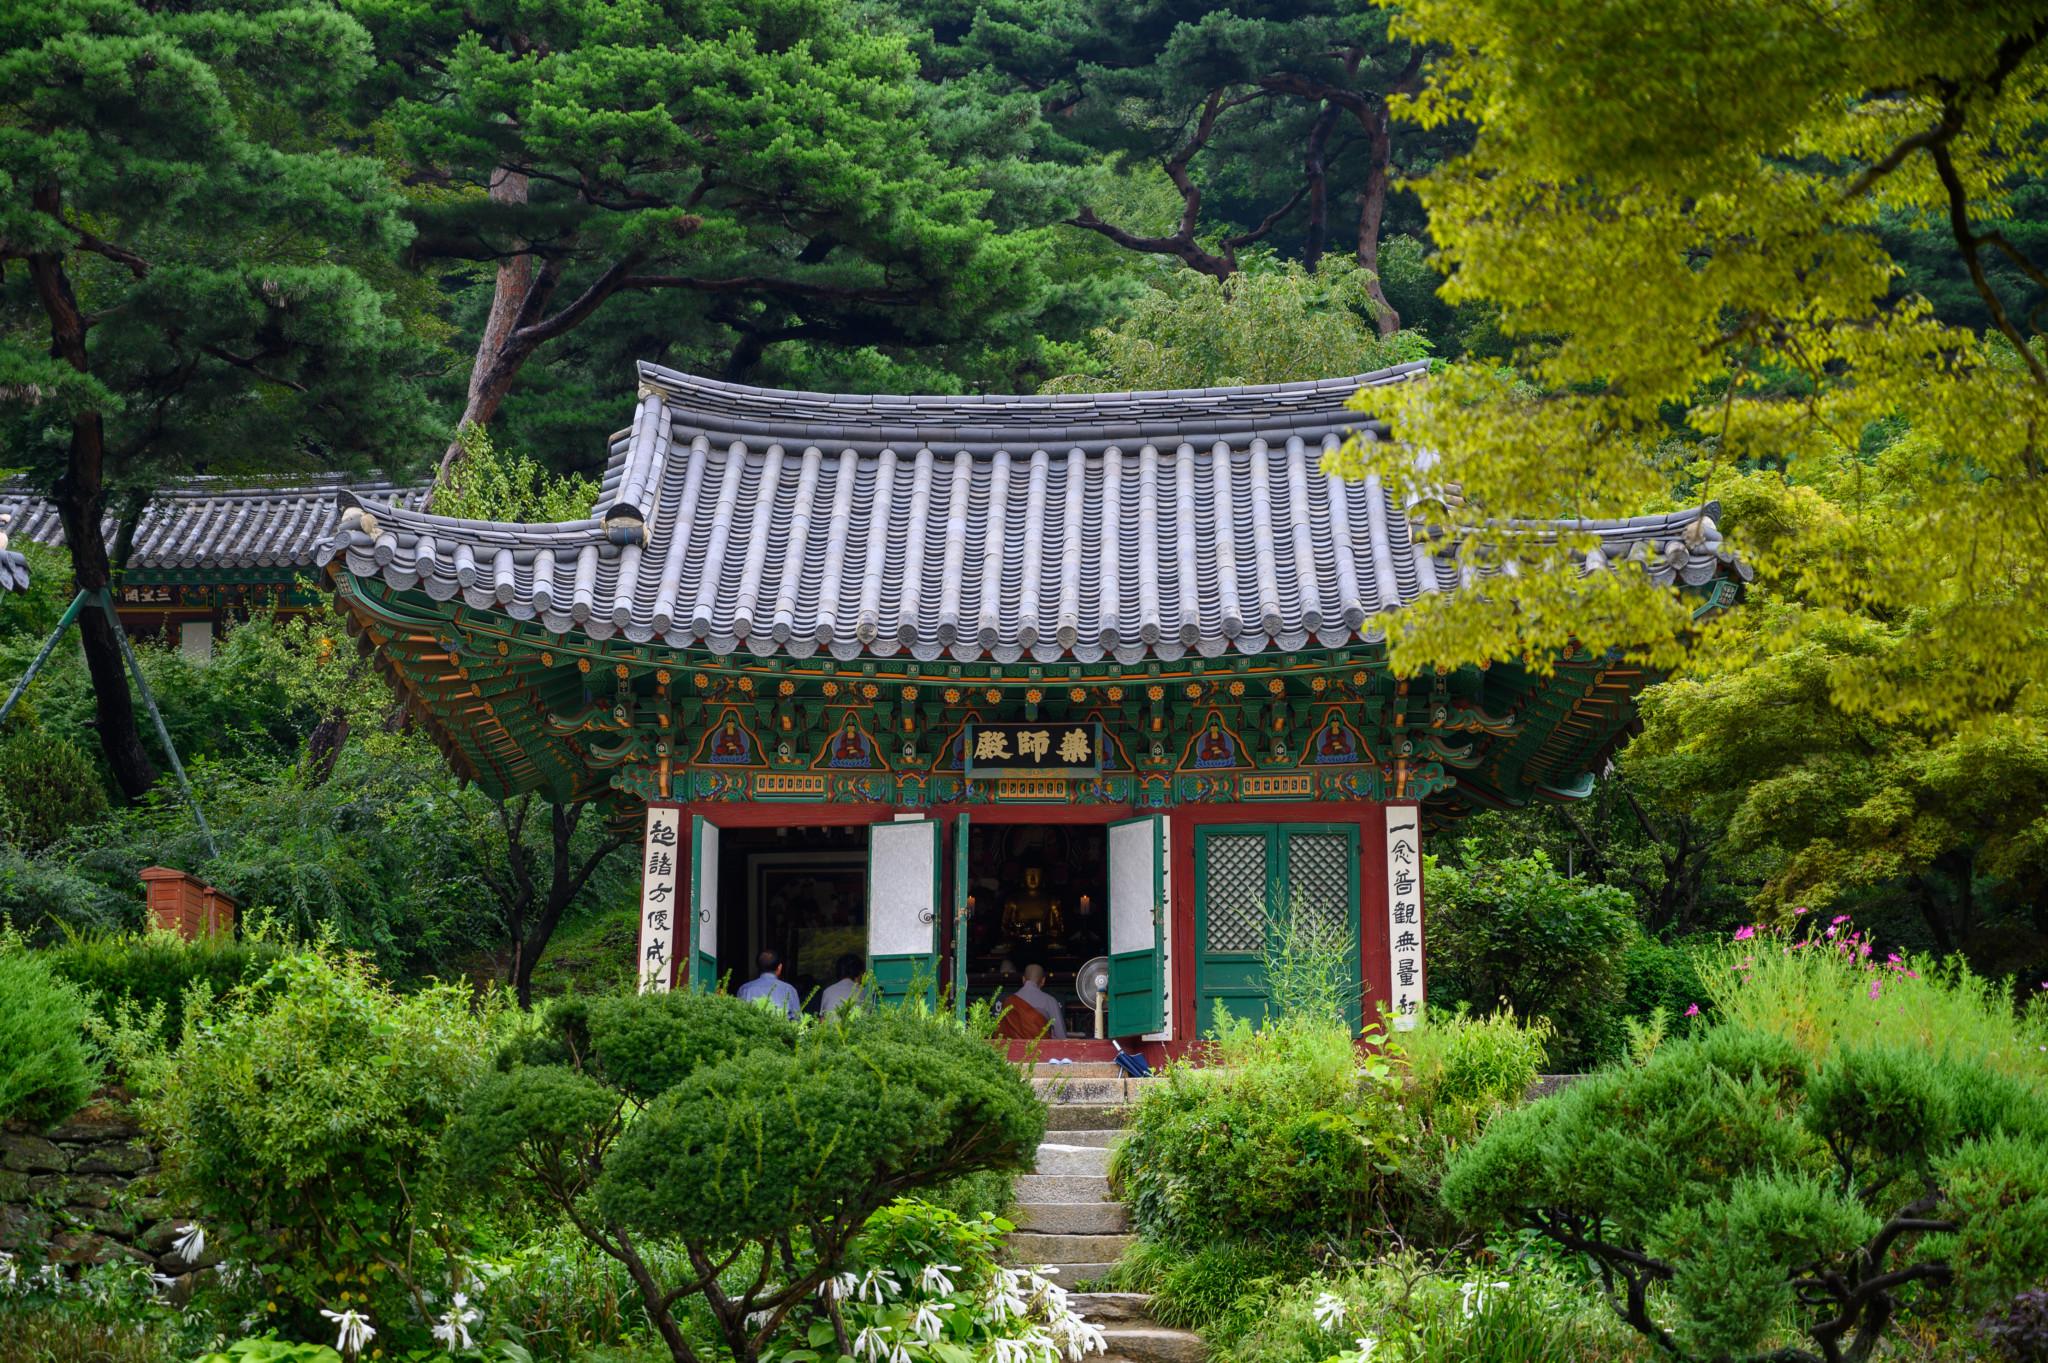 Der Jeondeungsa Tempel auf Ganghwa Island in Incheon in Südkorea ist eine der besten Sehenswürdigkeiten